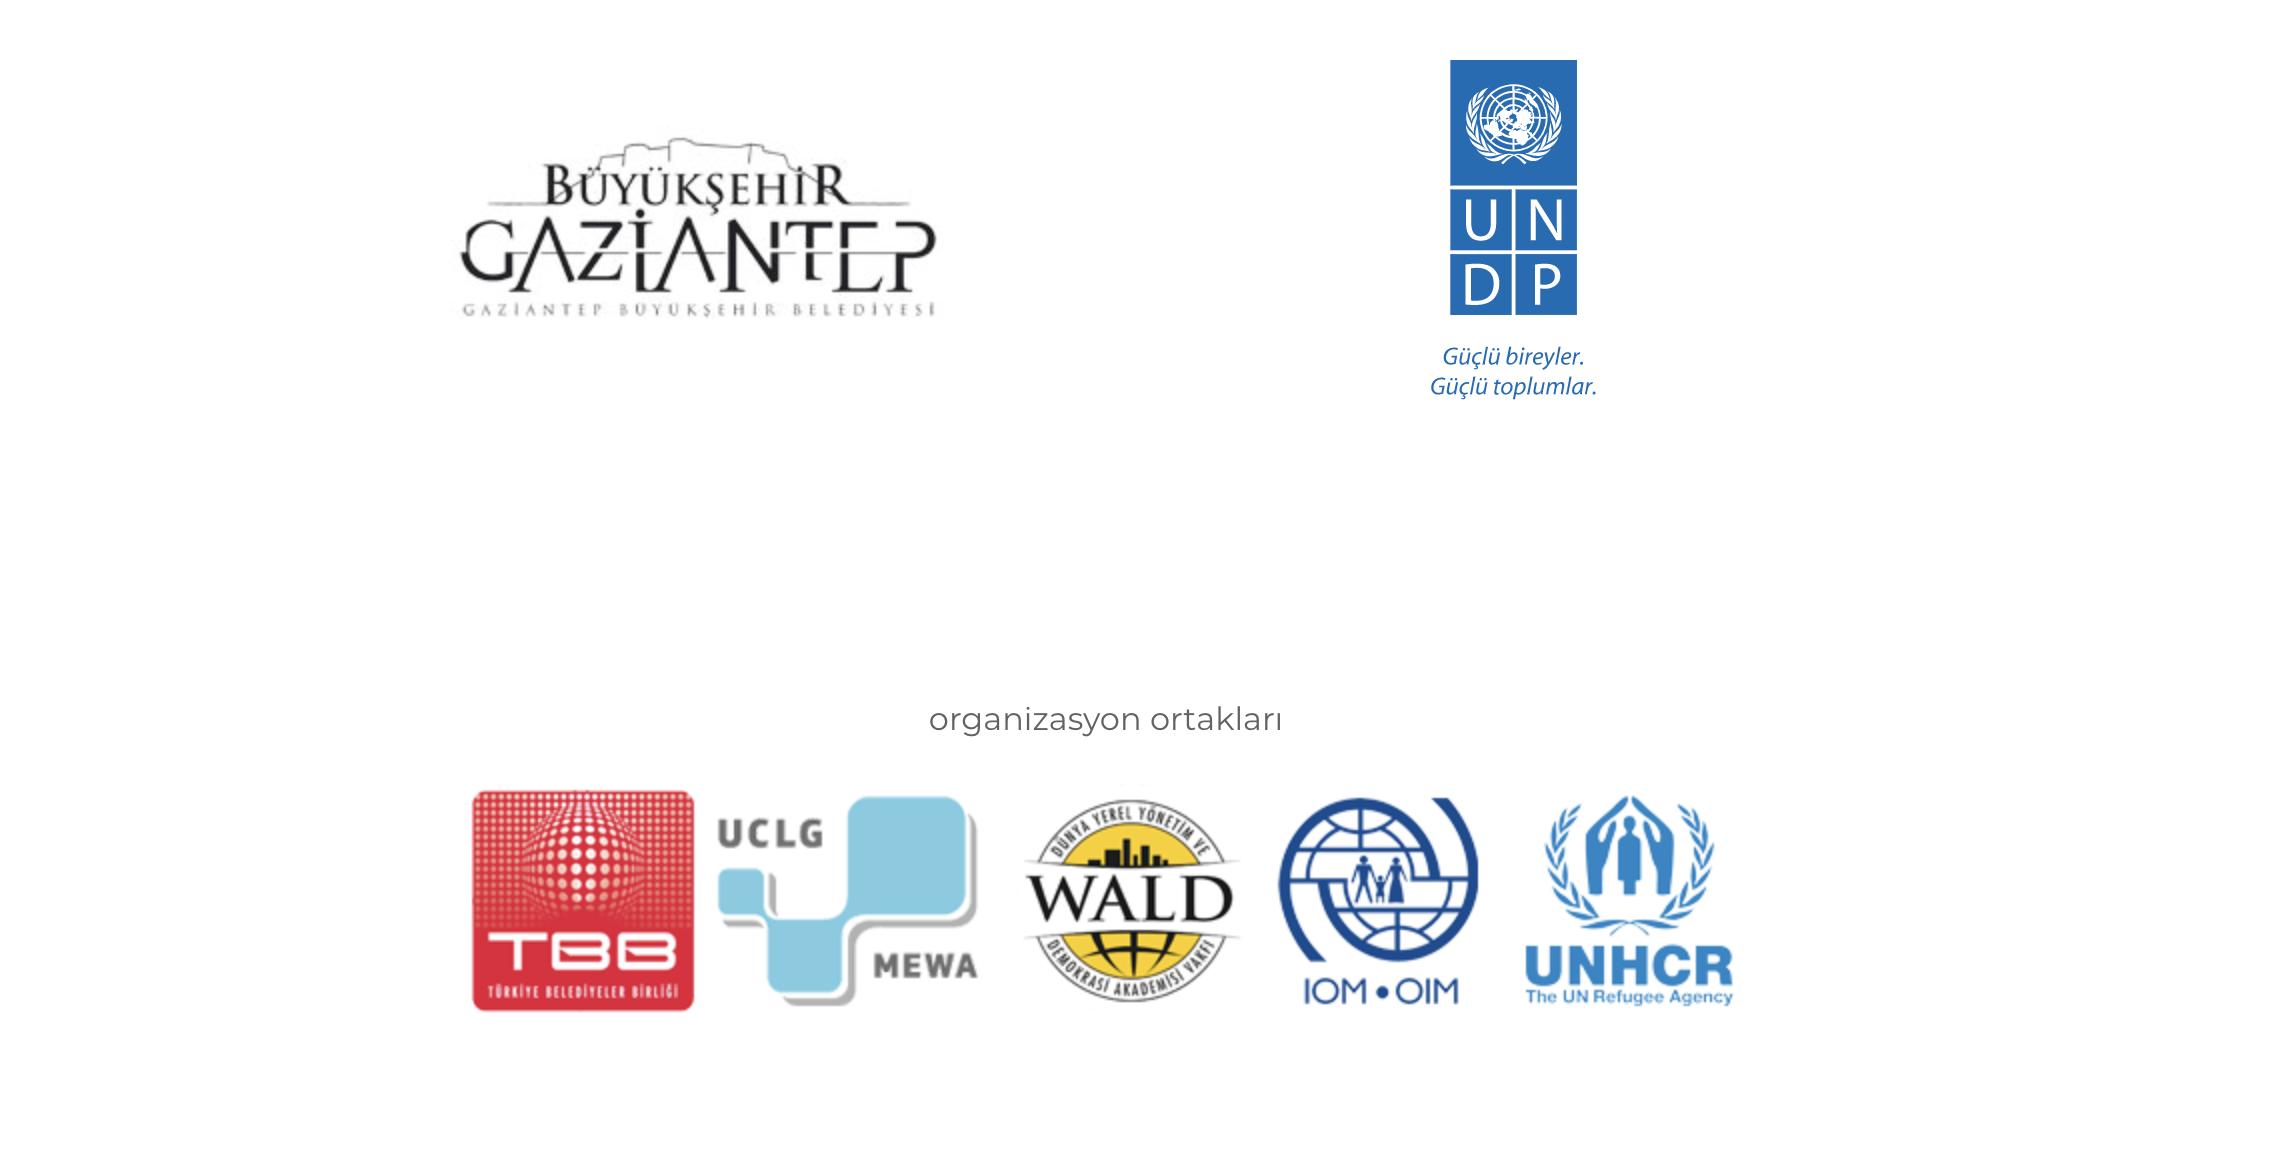 UNDP Göç ve Yerinden Edilme Sorununa Karşı Çözüm Ortaklarını Bir Araya Çağırıyor